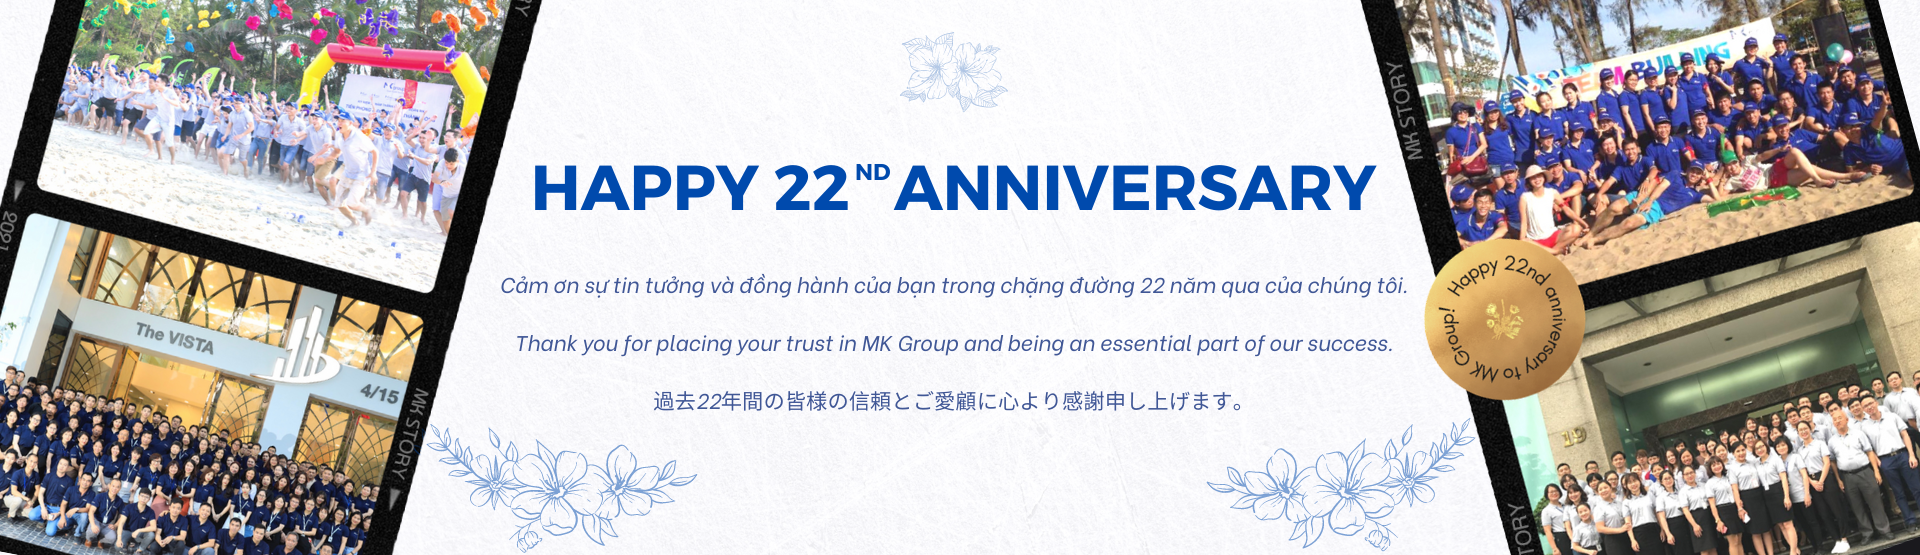 Banner Kỷ niệm 22 năm thành lập MK Group - Máy in thẻ nhựa, máy dập nổi, đầu đọc thẻ nhựa